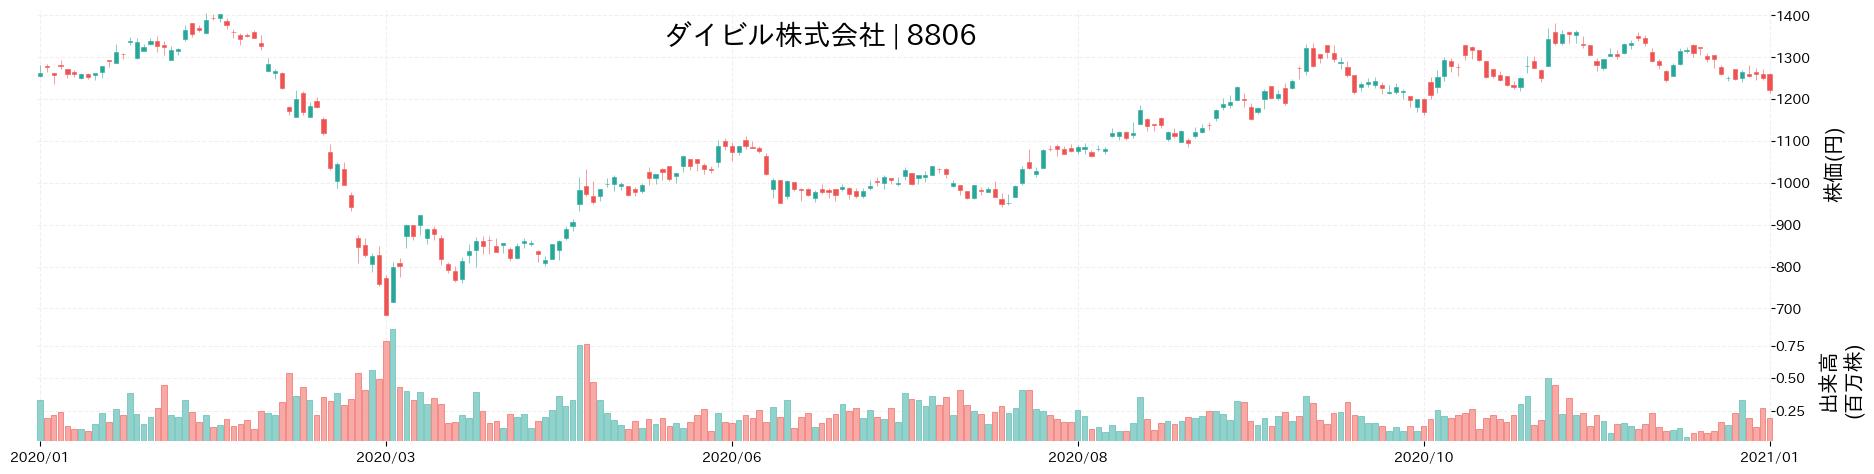 ダイビル株式会社の株価推移(2020)